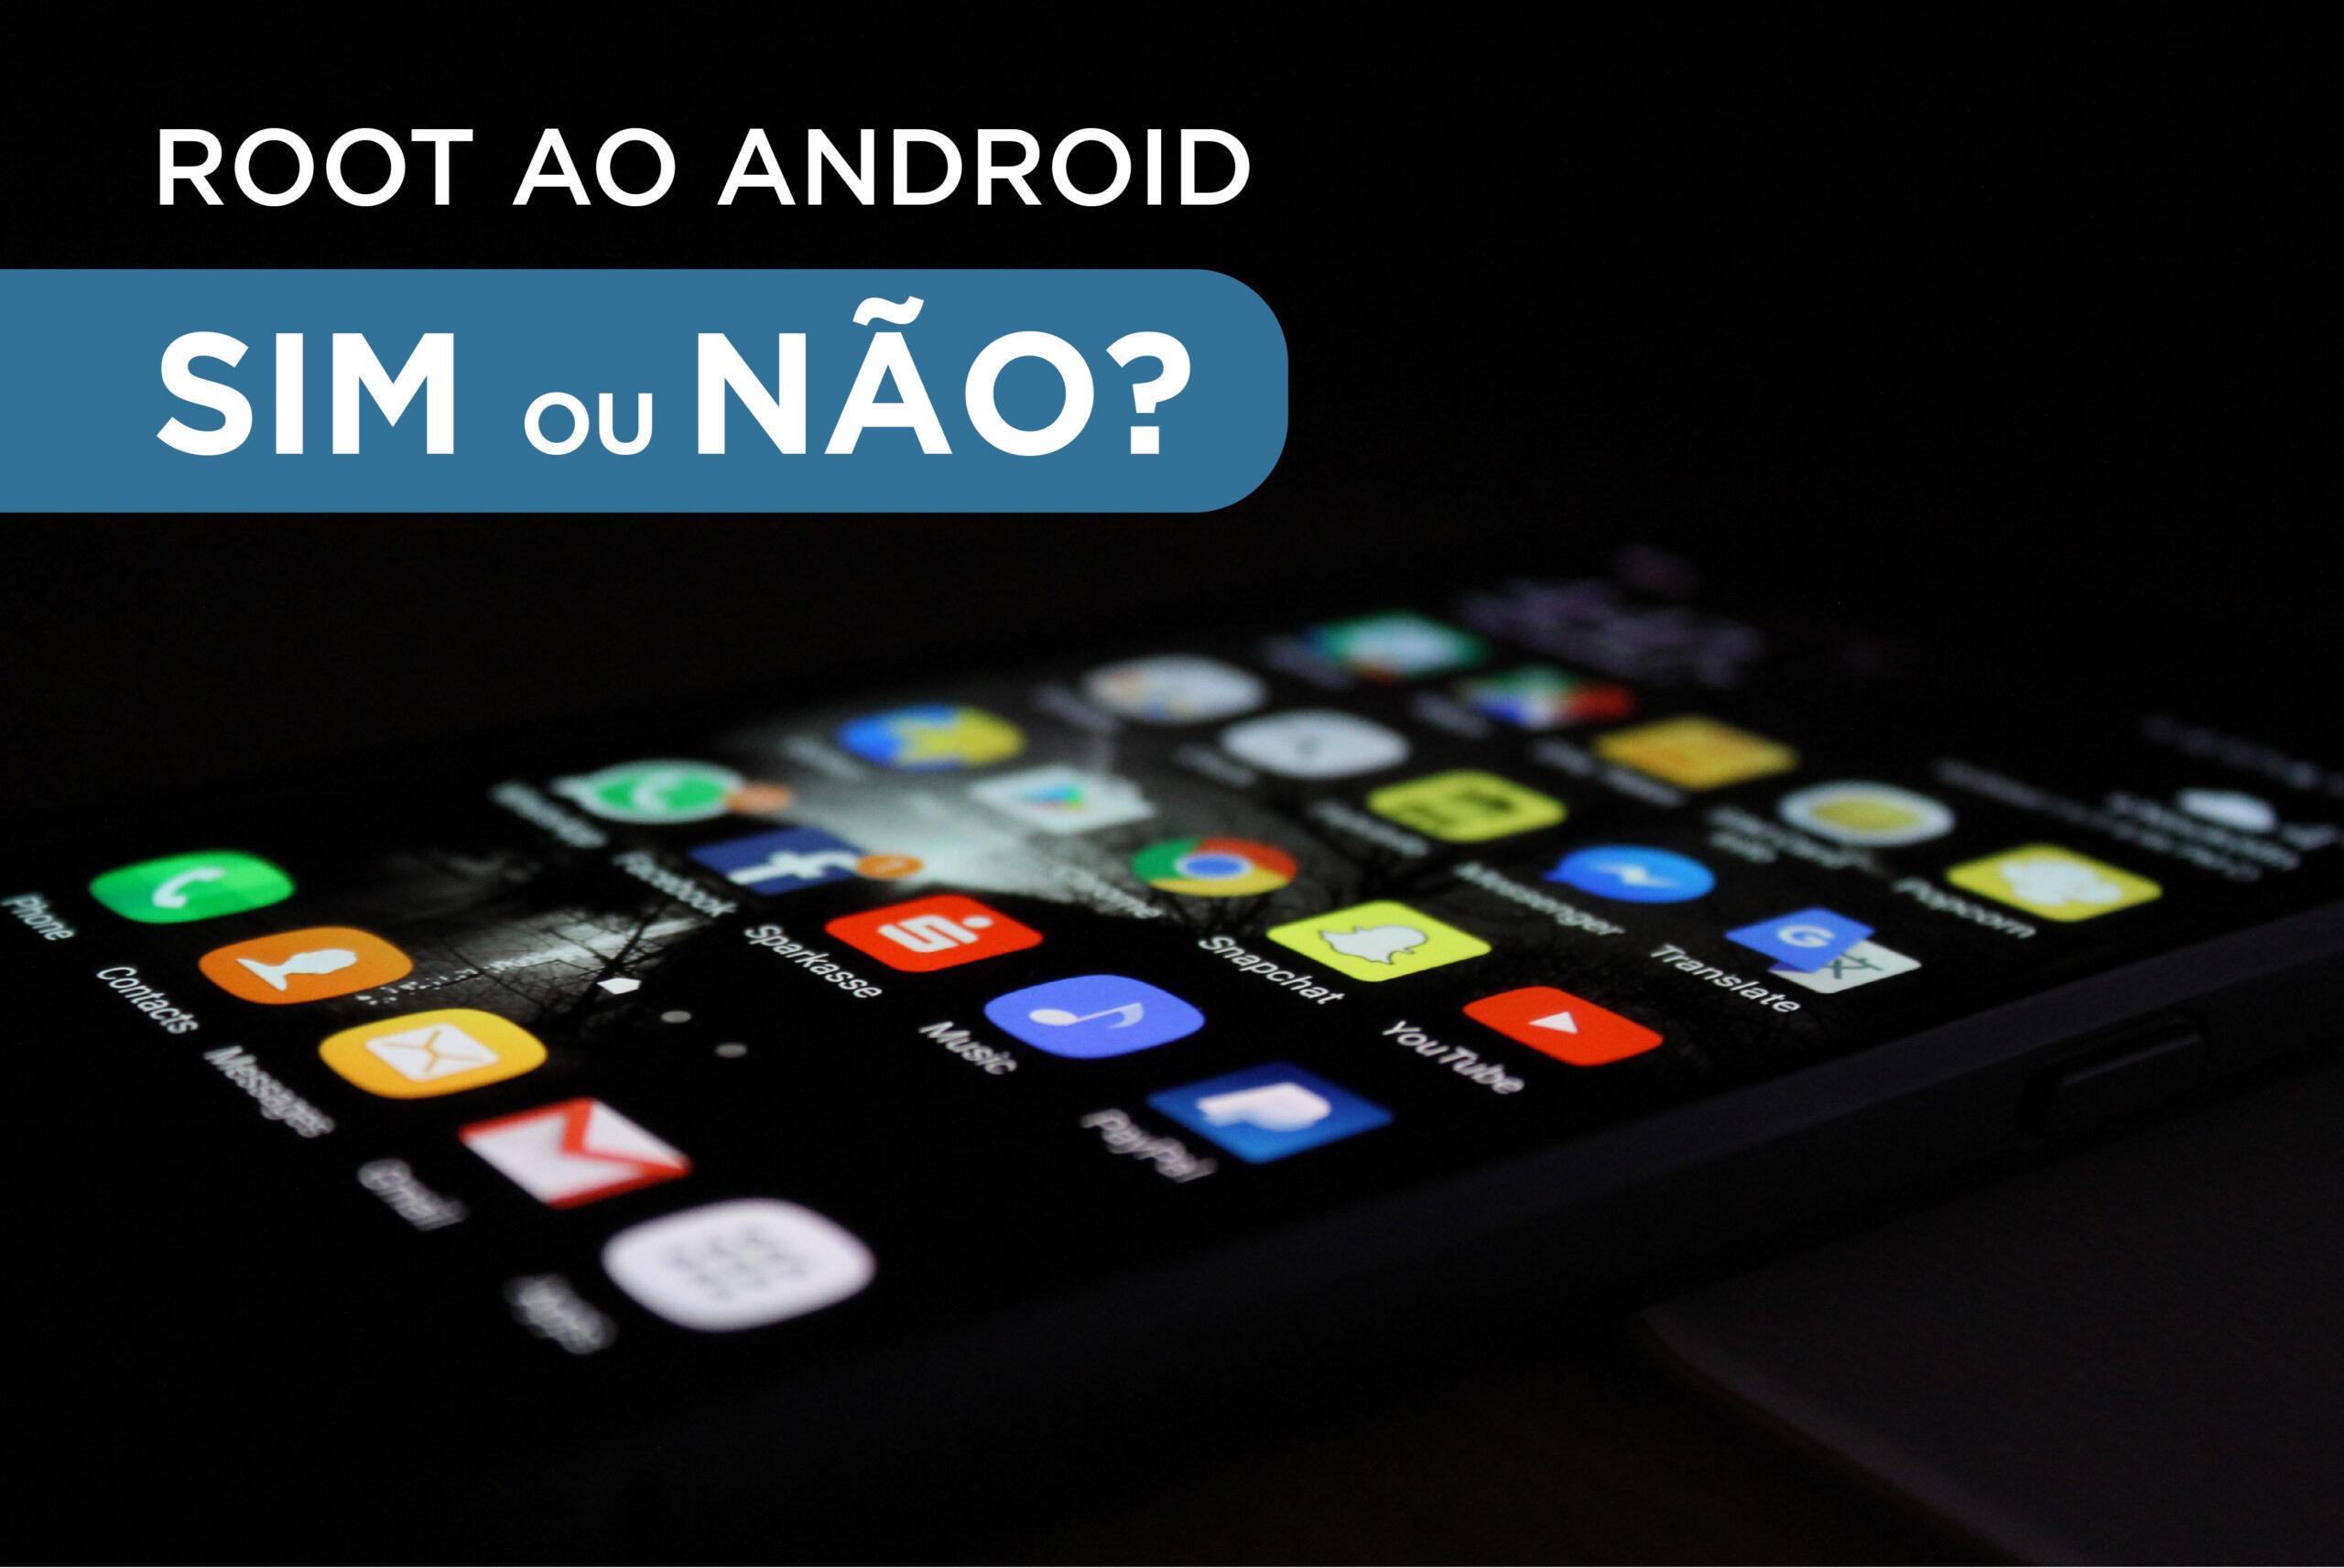 Root ao Android: Deve fazer ou não?